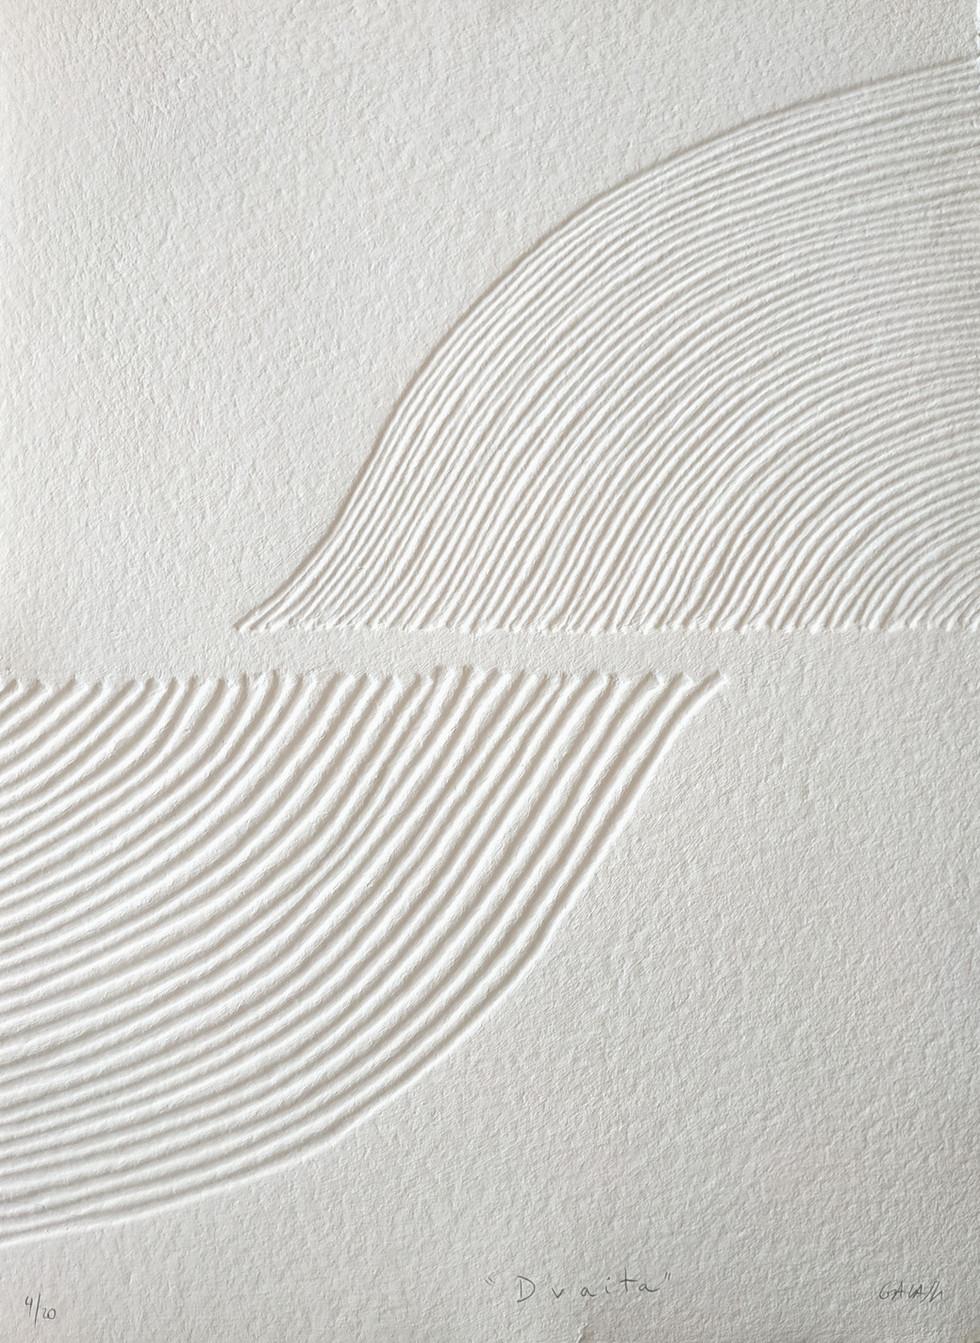 Dvaita Papierreliefabdruck, 20 Ex., 77 x 56 cm, verso sign. & num.